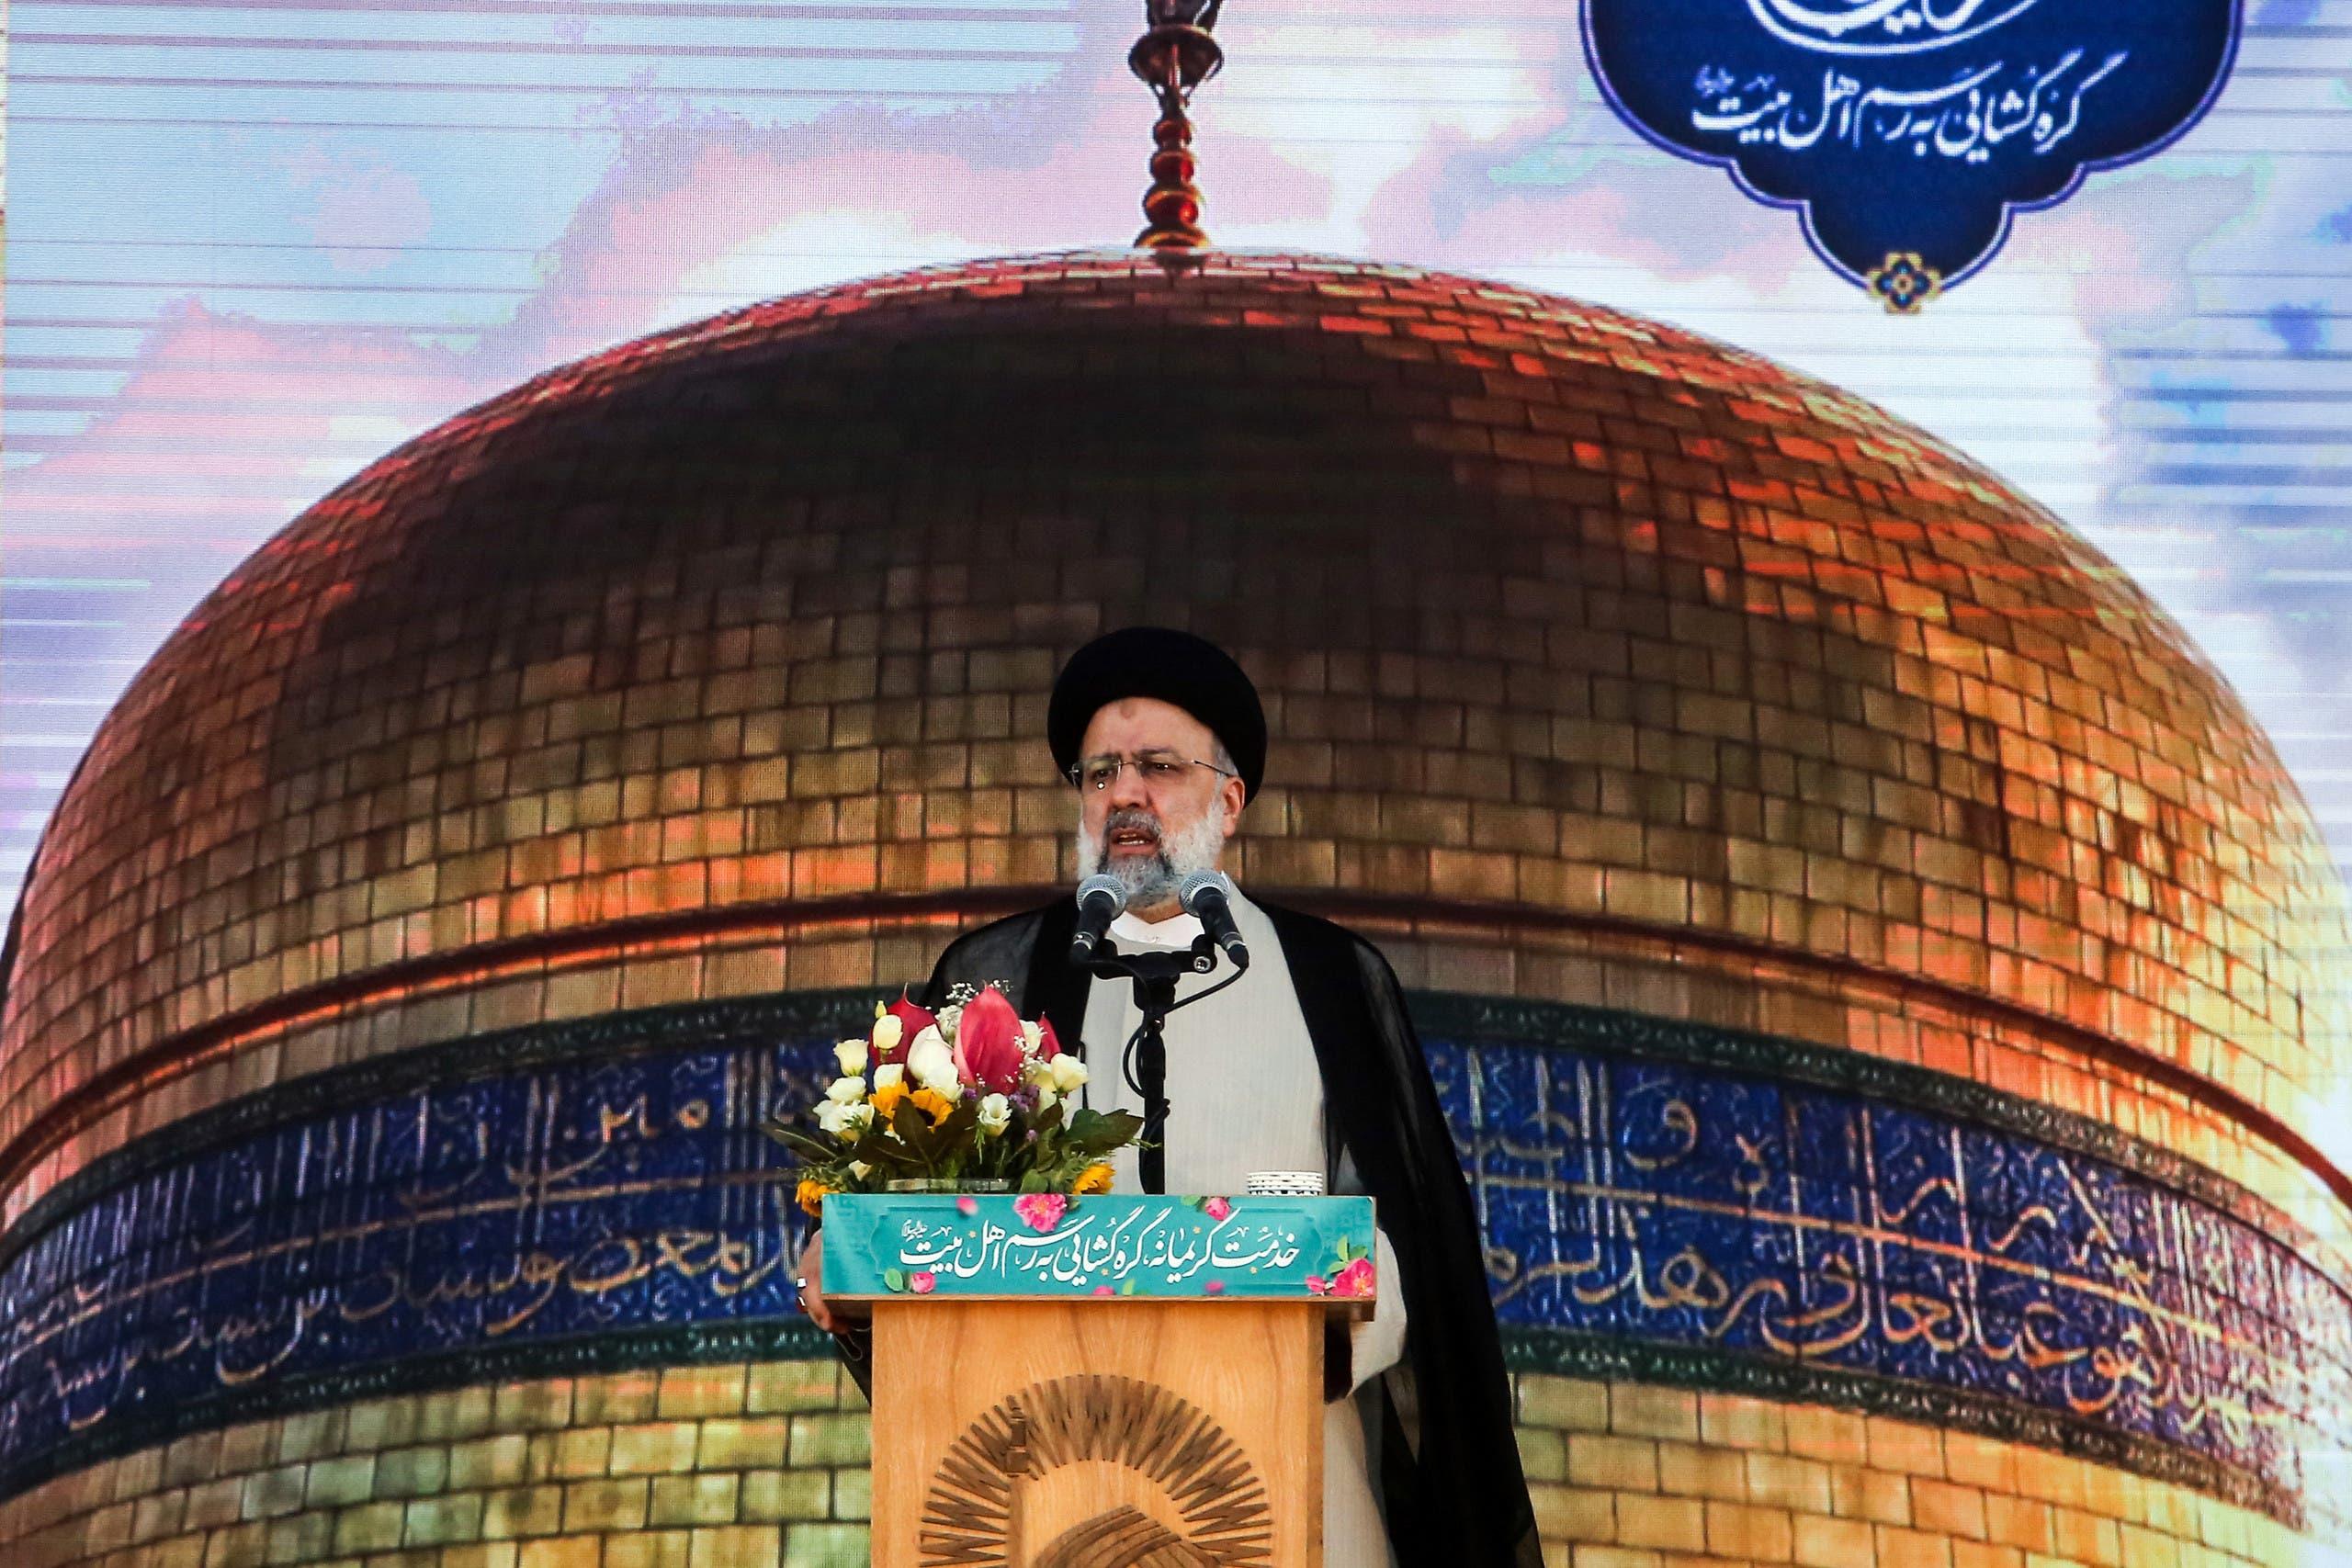 رئيسي خلال خطاب في مشهد في 22 يونيو الماضي